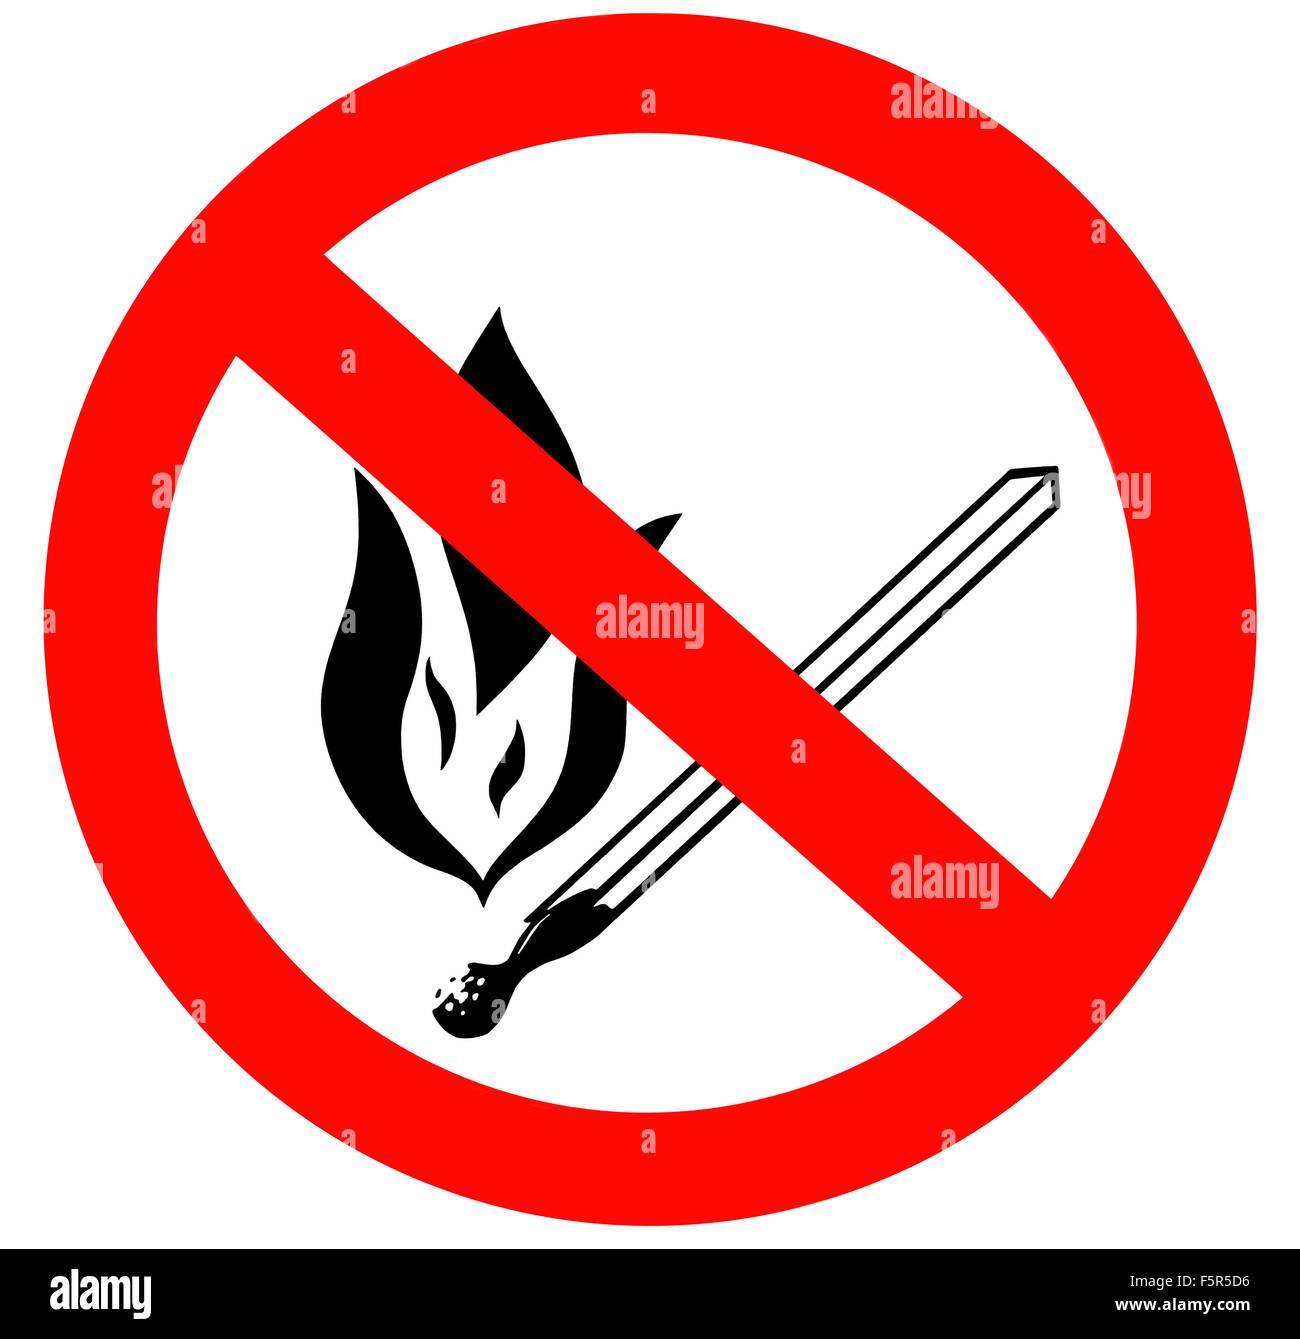 kein offenes feuer und rauchen verboten schild stockfoto bild 89634306 alamy. Black Bedroom Furniture Sets. Home Design Ideas